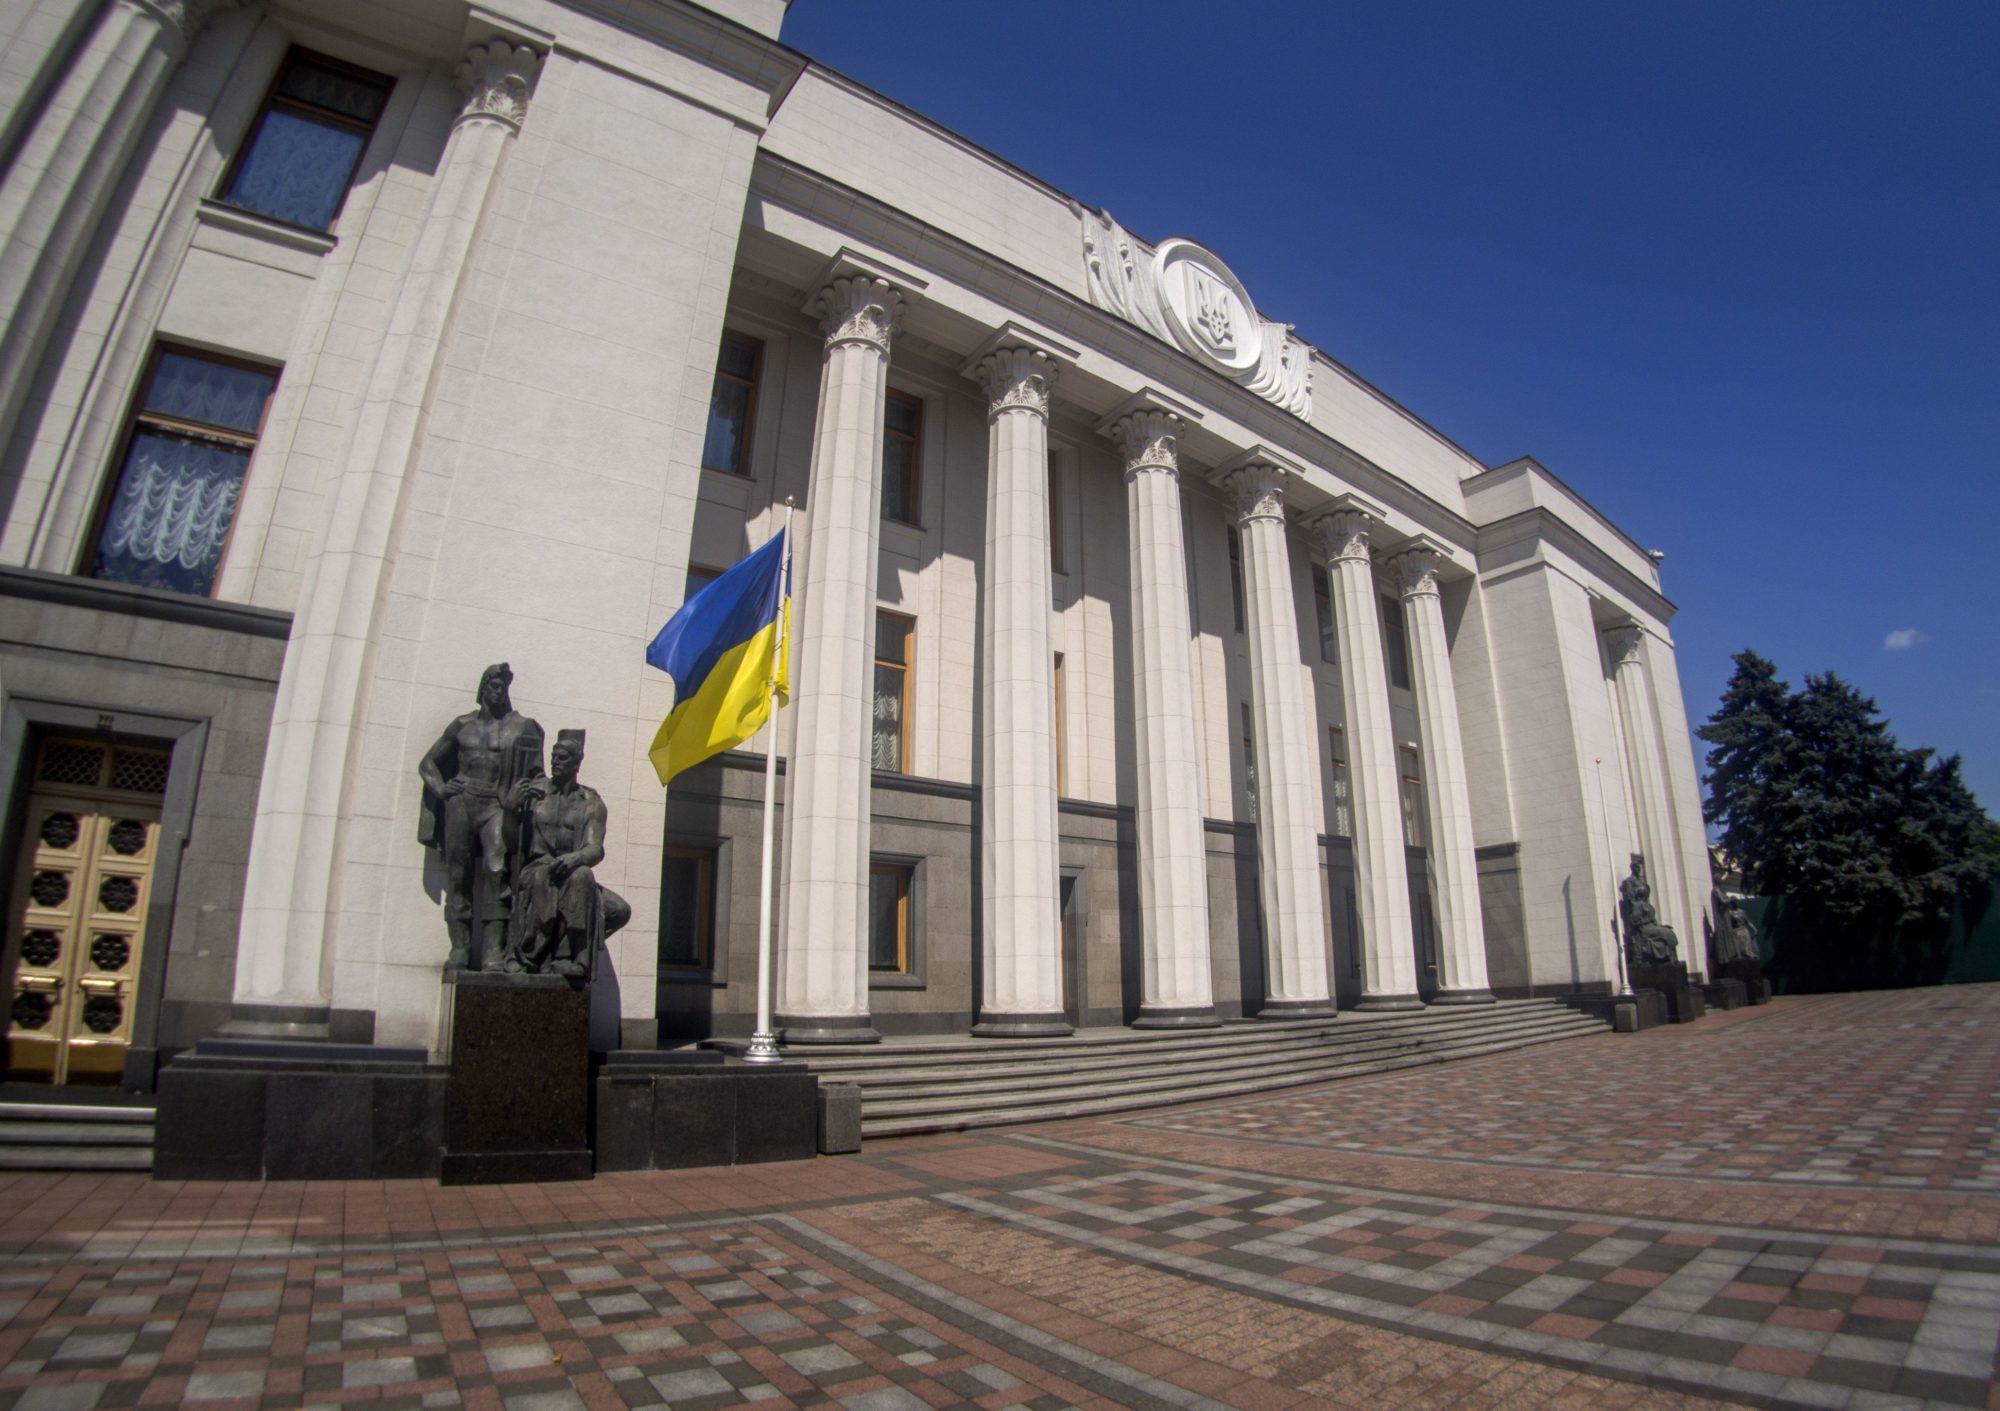 Вчителів та студентів запрошують  до формування всеукраїнської освітньої програми про український парламент -  - 007 2000x1411